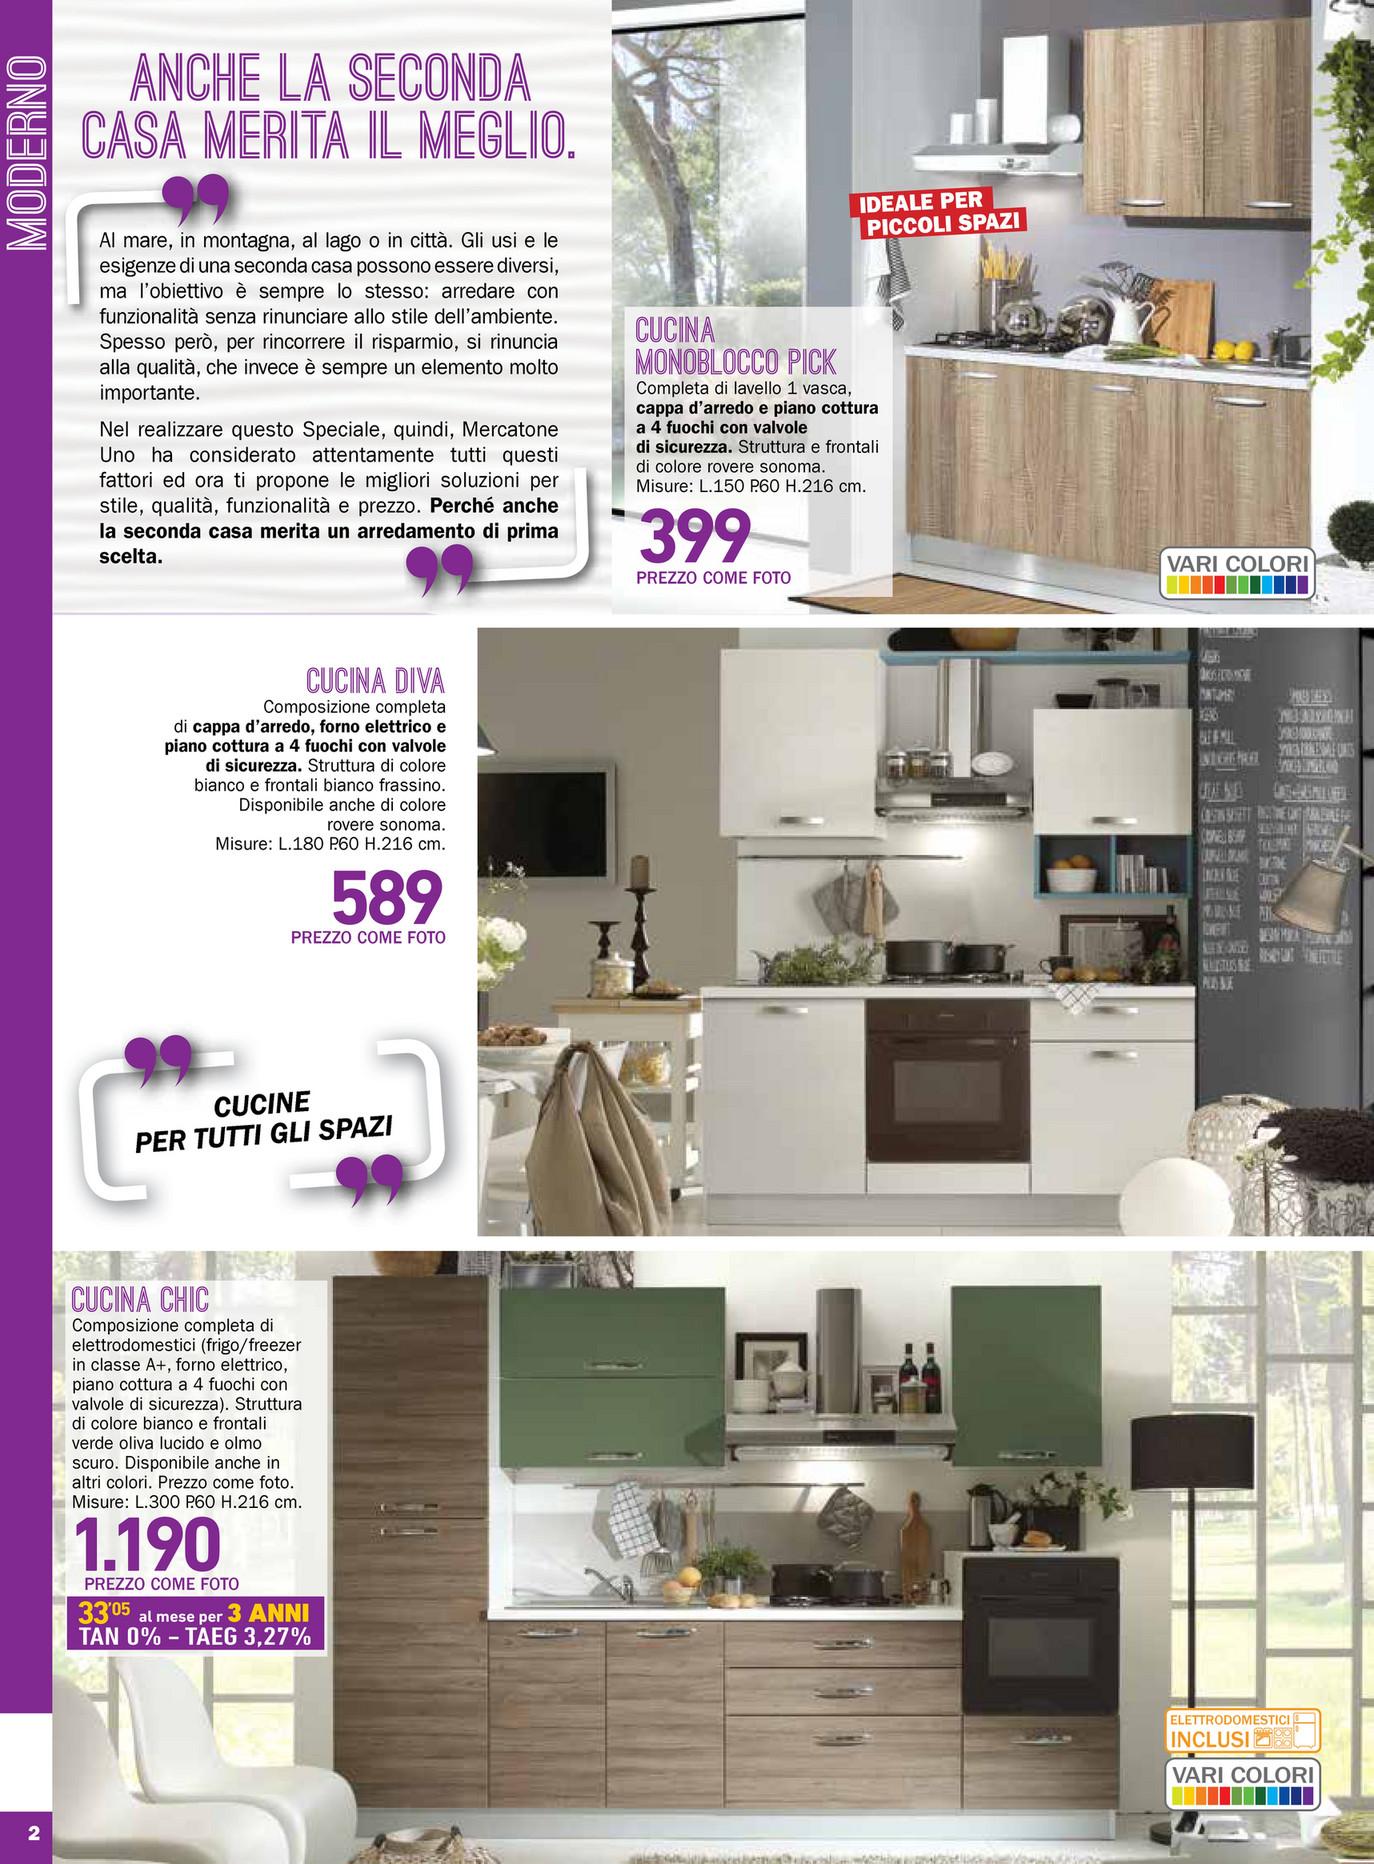 Emejing cucine al mercatone uno images ideas design - Cucine senza elettrodomestici ...